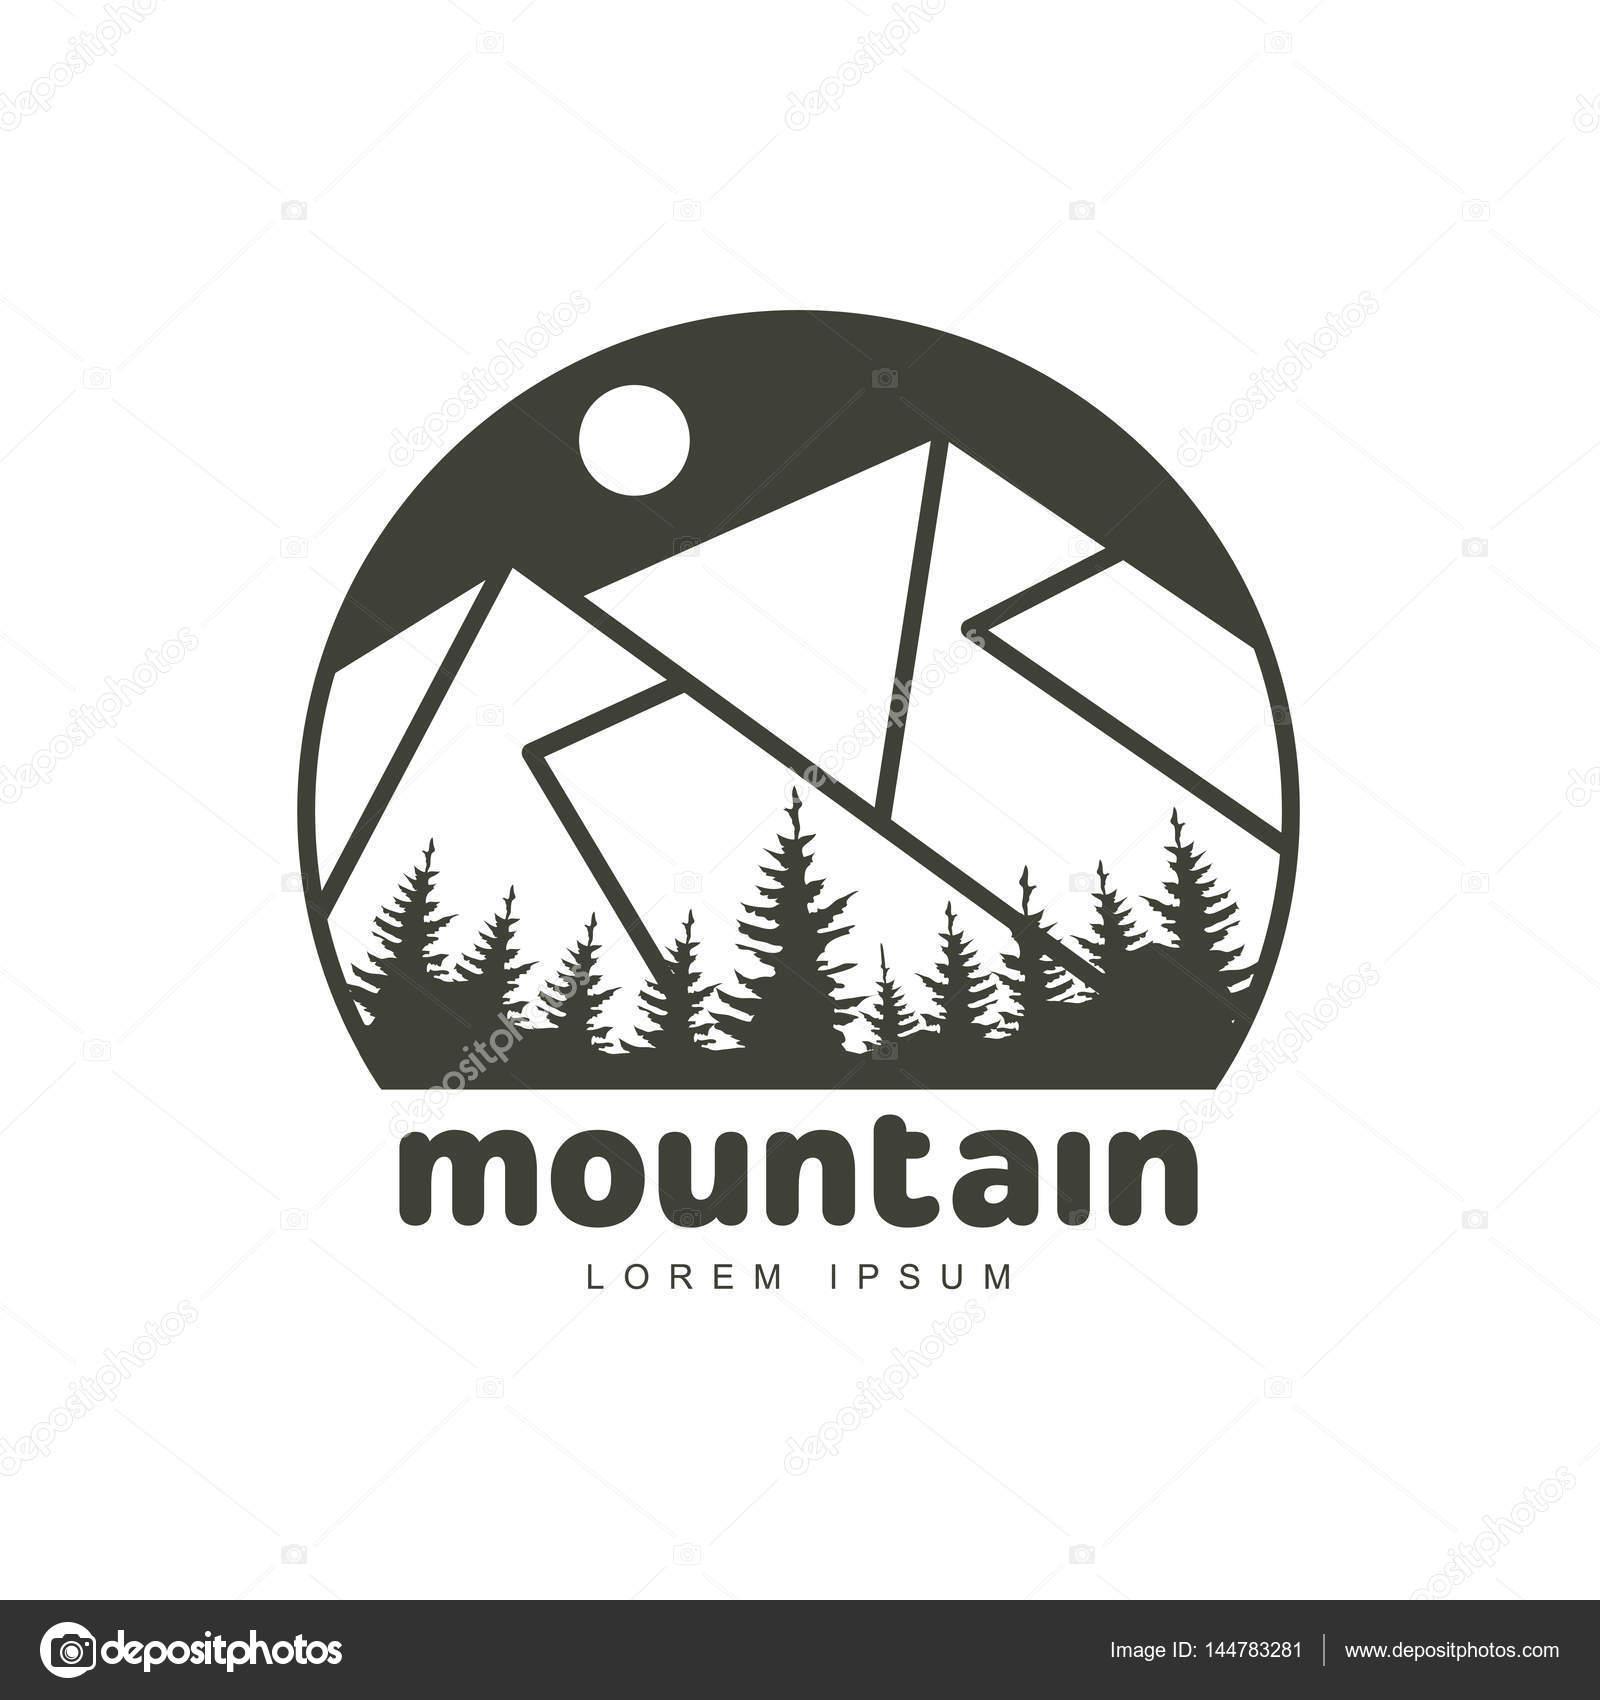 Plantillas de logotipo de montañas — Archivo Imágenes Vectoriales ...